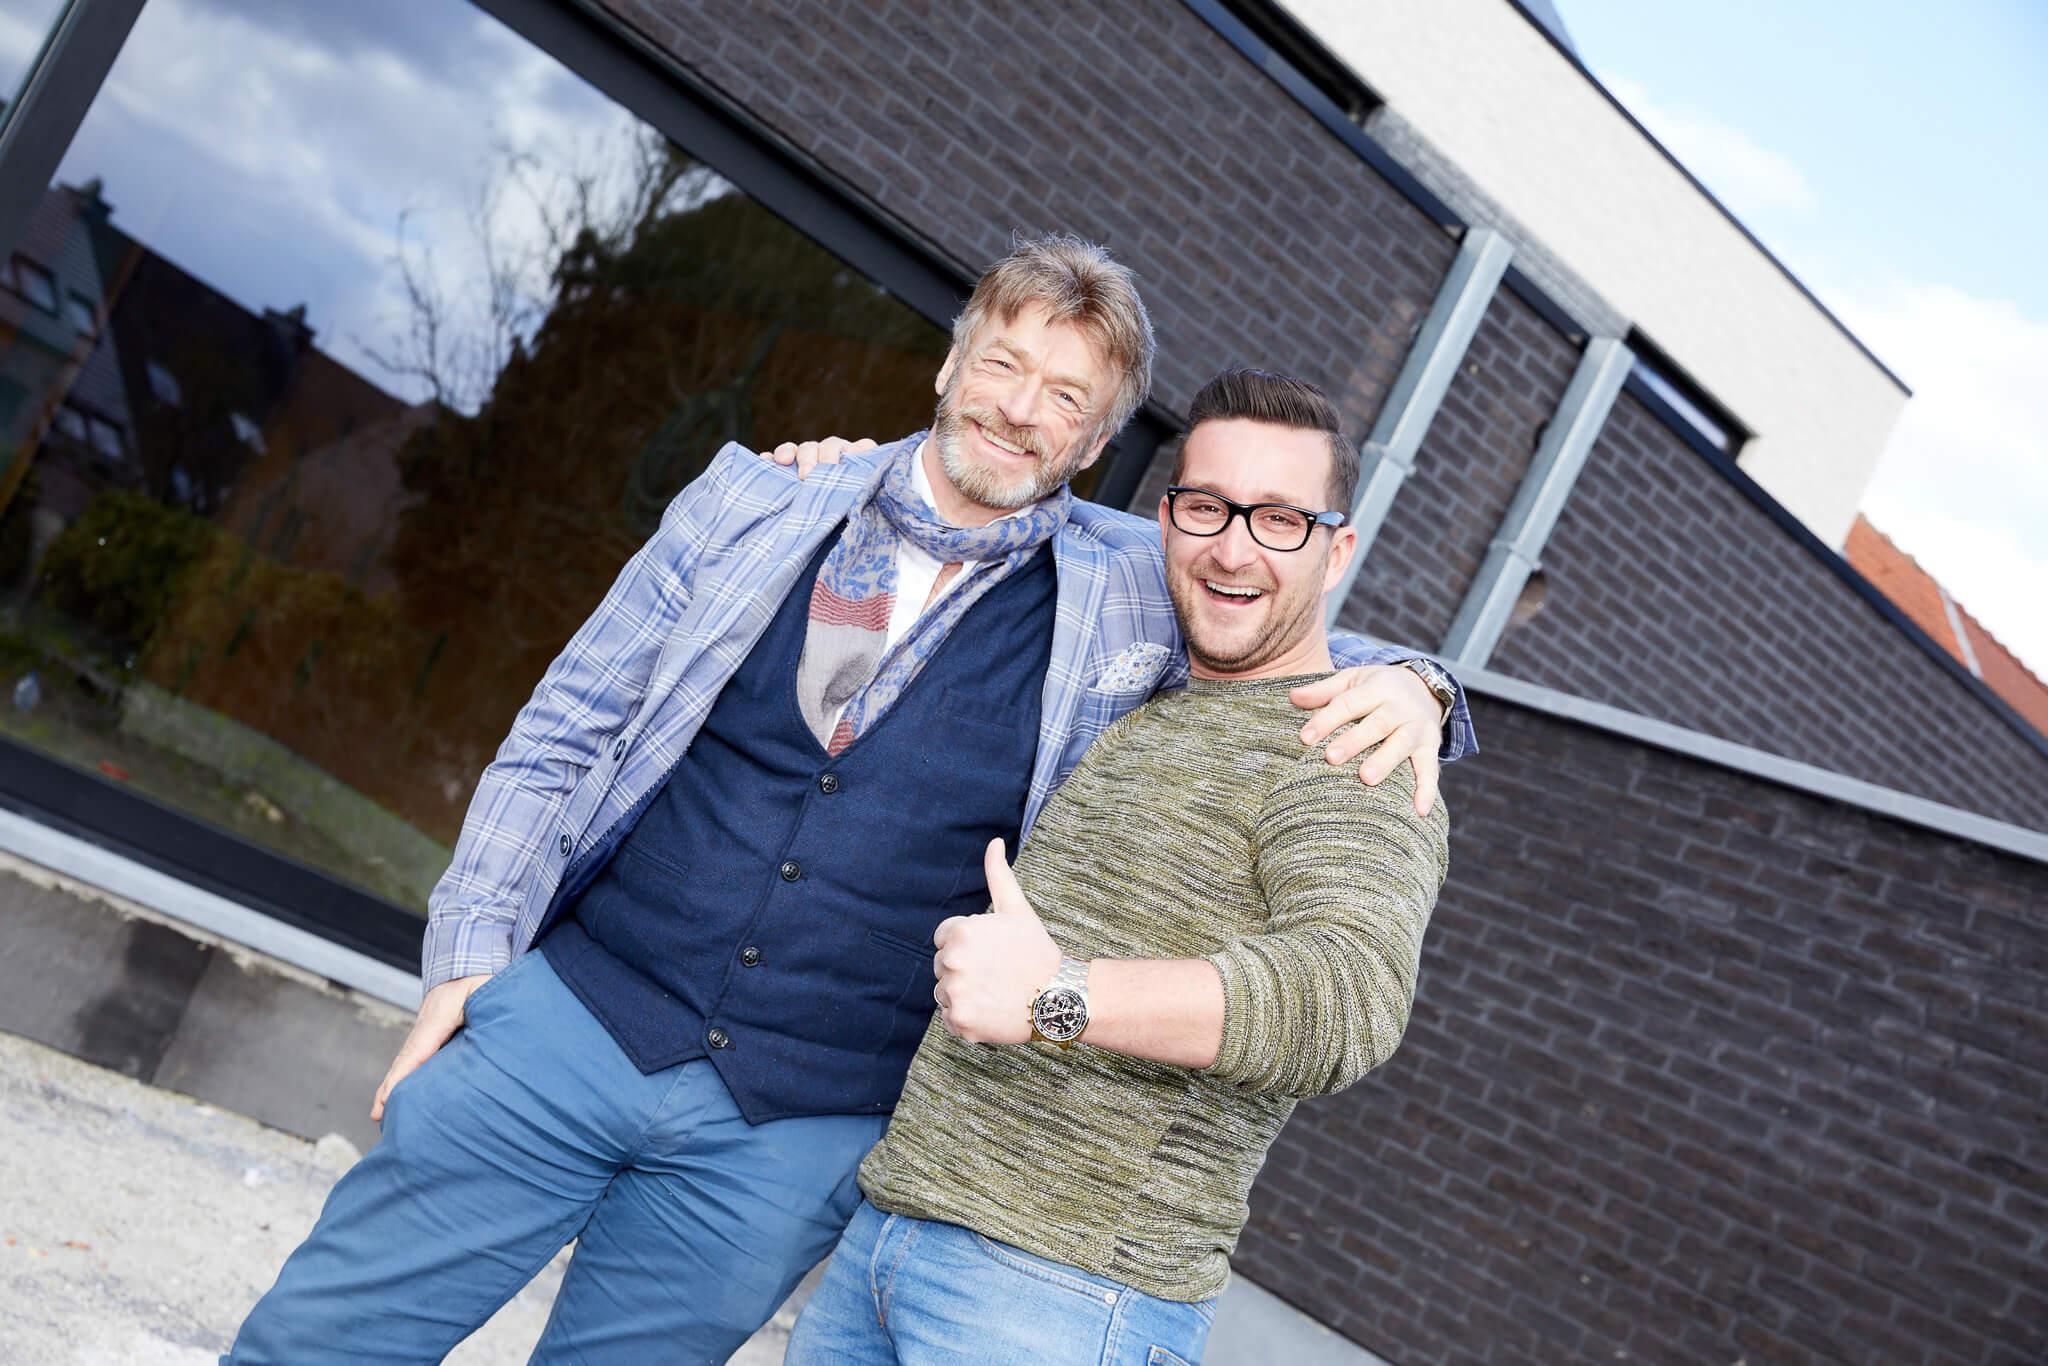 Dimitri Van Geert - Knauf.be - Revue